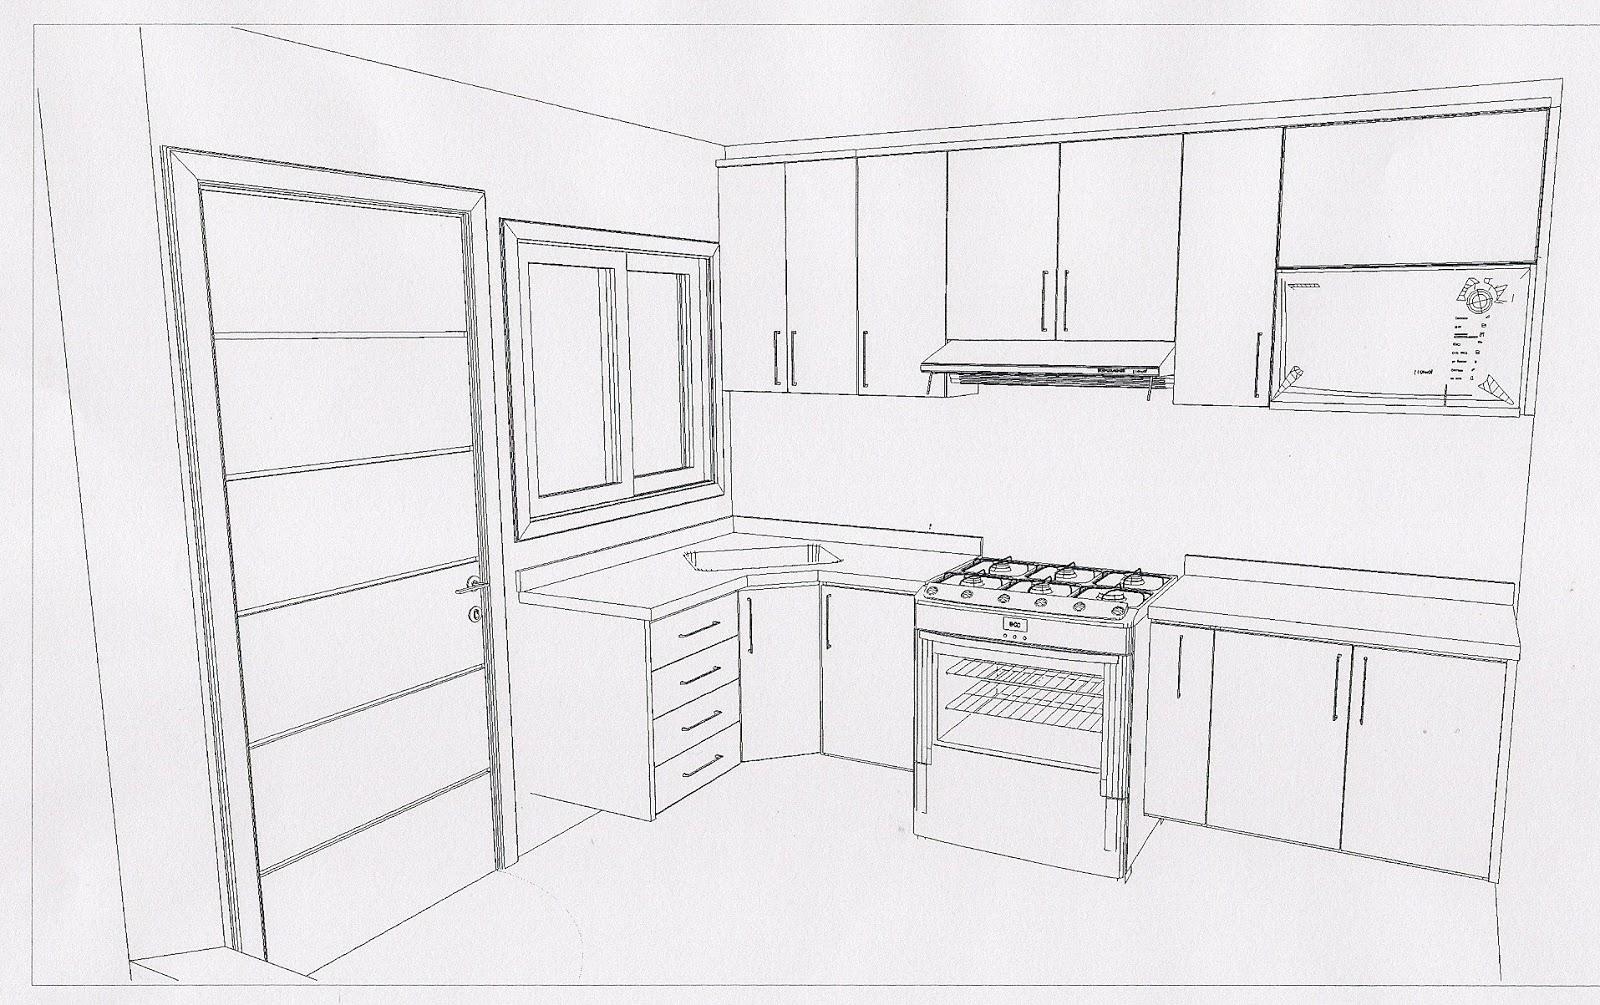 #66616A Odisseia Habitacional: Dezembro 2012 1600x1005 px Projeto De Cozinha Com Janela_4573 Imagens